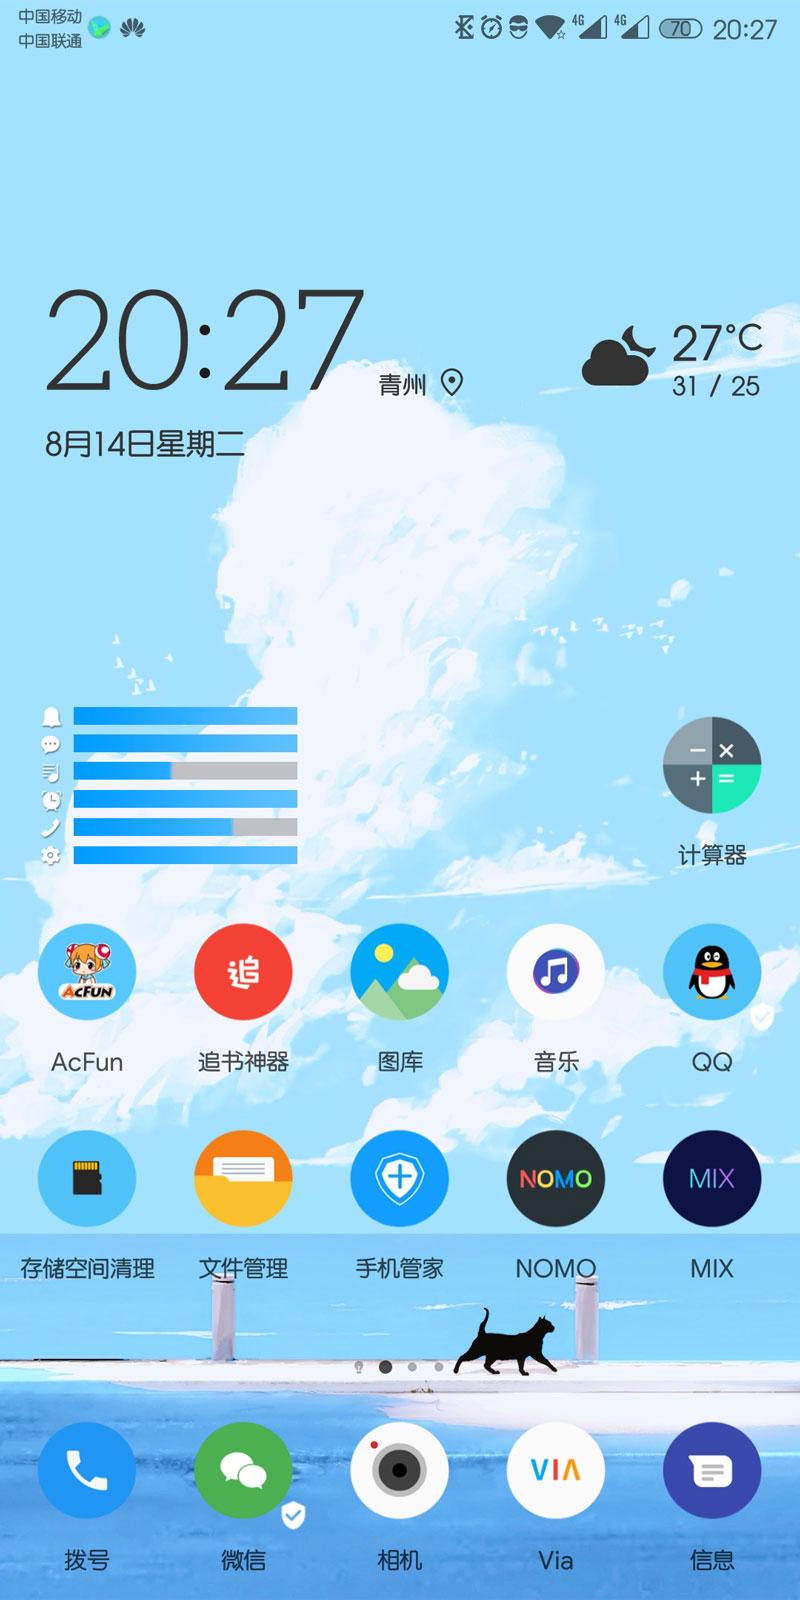 【资源分享】华为主题寻梦浪闲版 EMUI8.0-爱小助